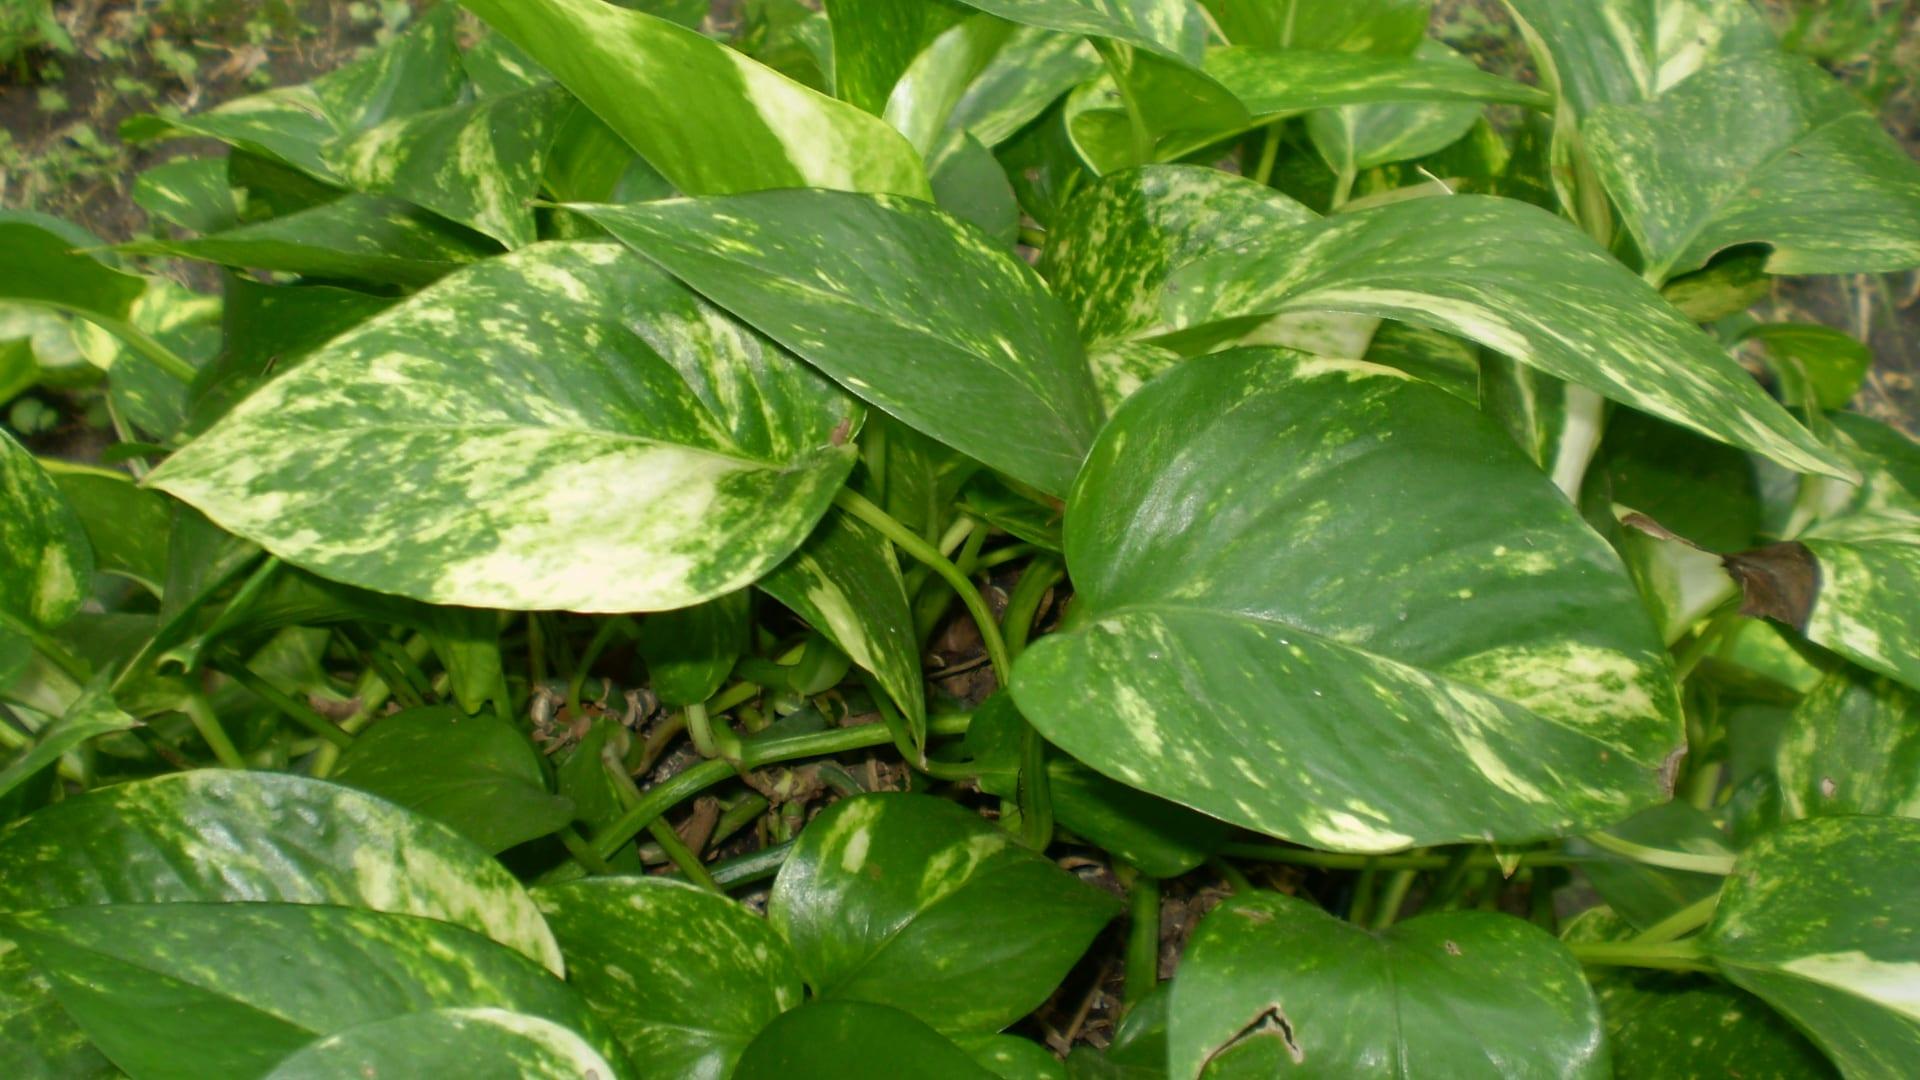 Ejemplar de Philodendron scandens subsp. oxycardium